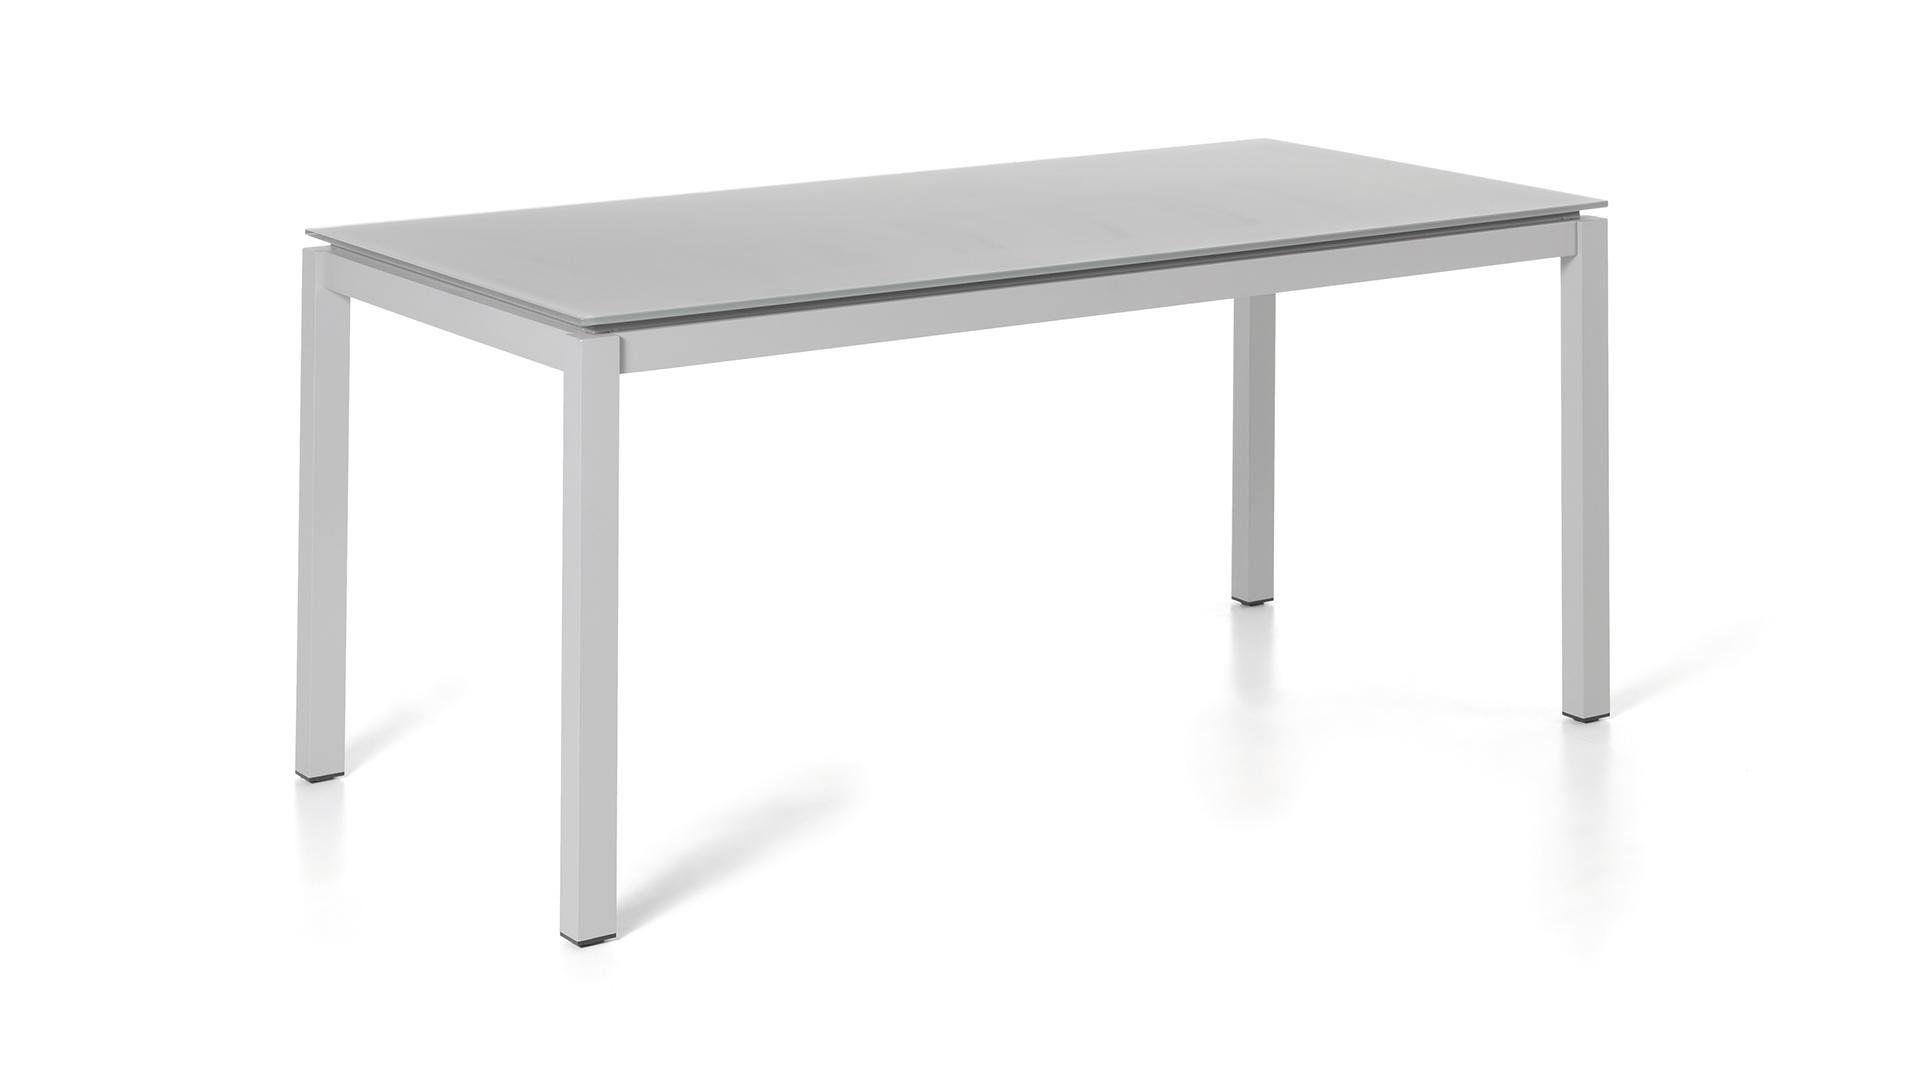 Tuintafel Met Glazen Bovenblad.Alu Tuintafel Granada Silver Grey 220x100cm Glas Light Grey